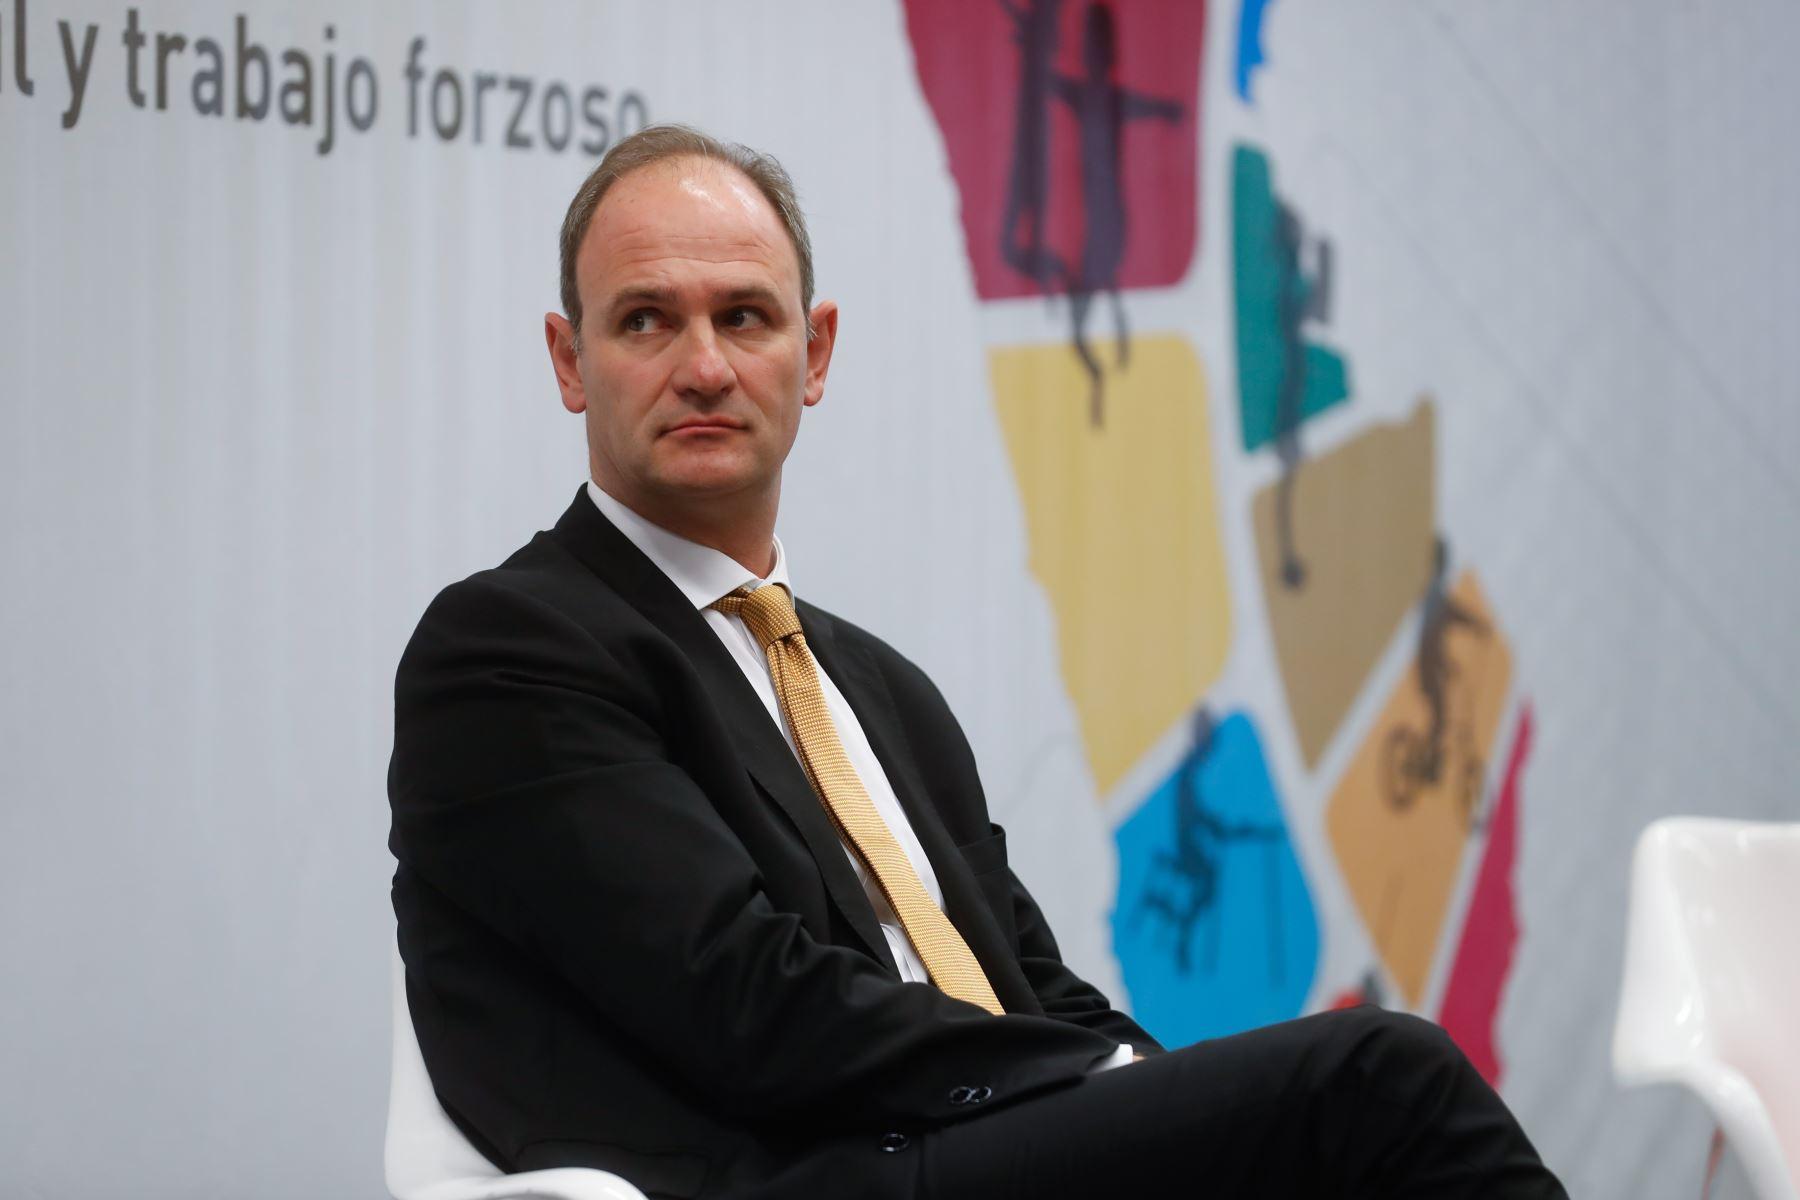 Philippe Vanhuynegem, director de la Oficina de la OIT para los países andinos, destaca compromiso del Perú en prevención y erradicación del trabajo infantil. ANDINA/Renato Pajuelo